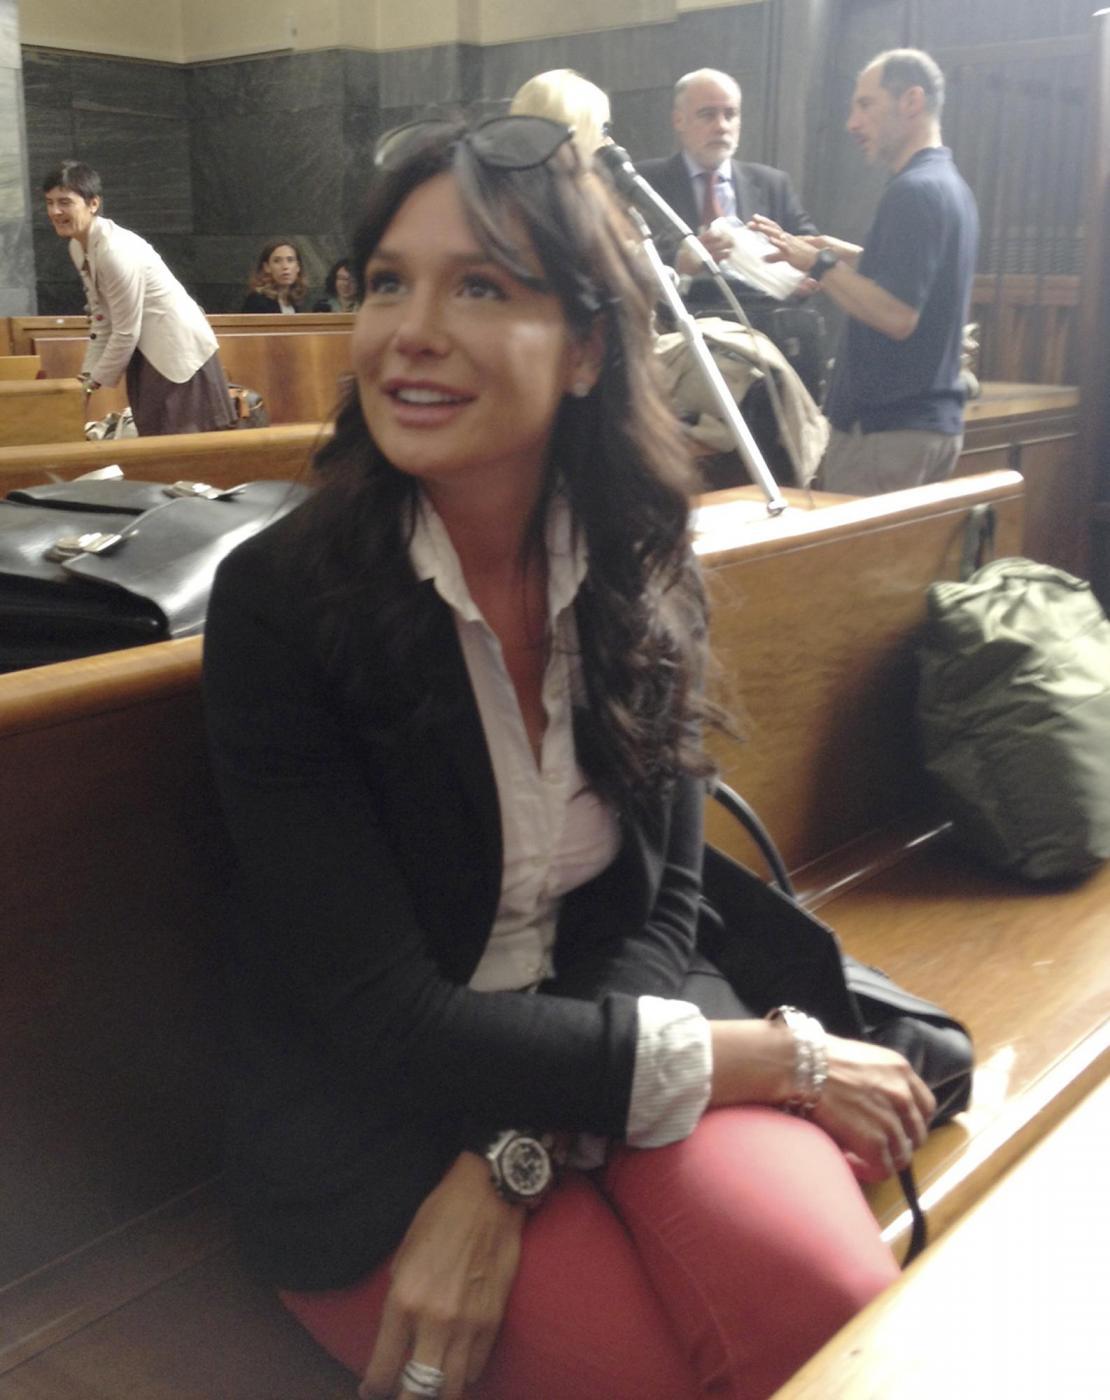 Processo Ruby, Nicole Minetti in tribunale | Blitz quotidiano